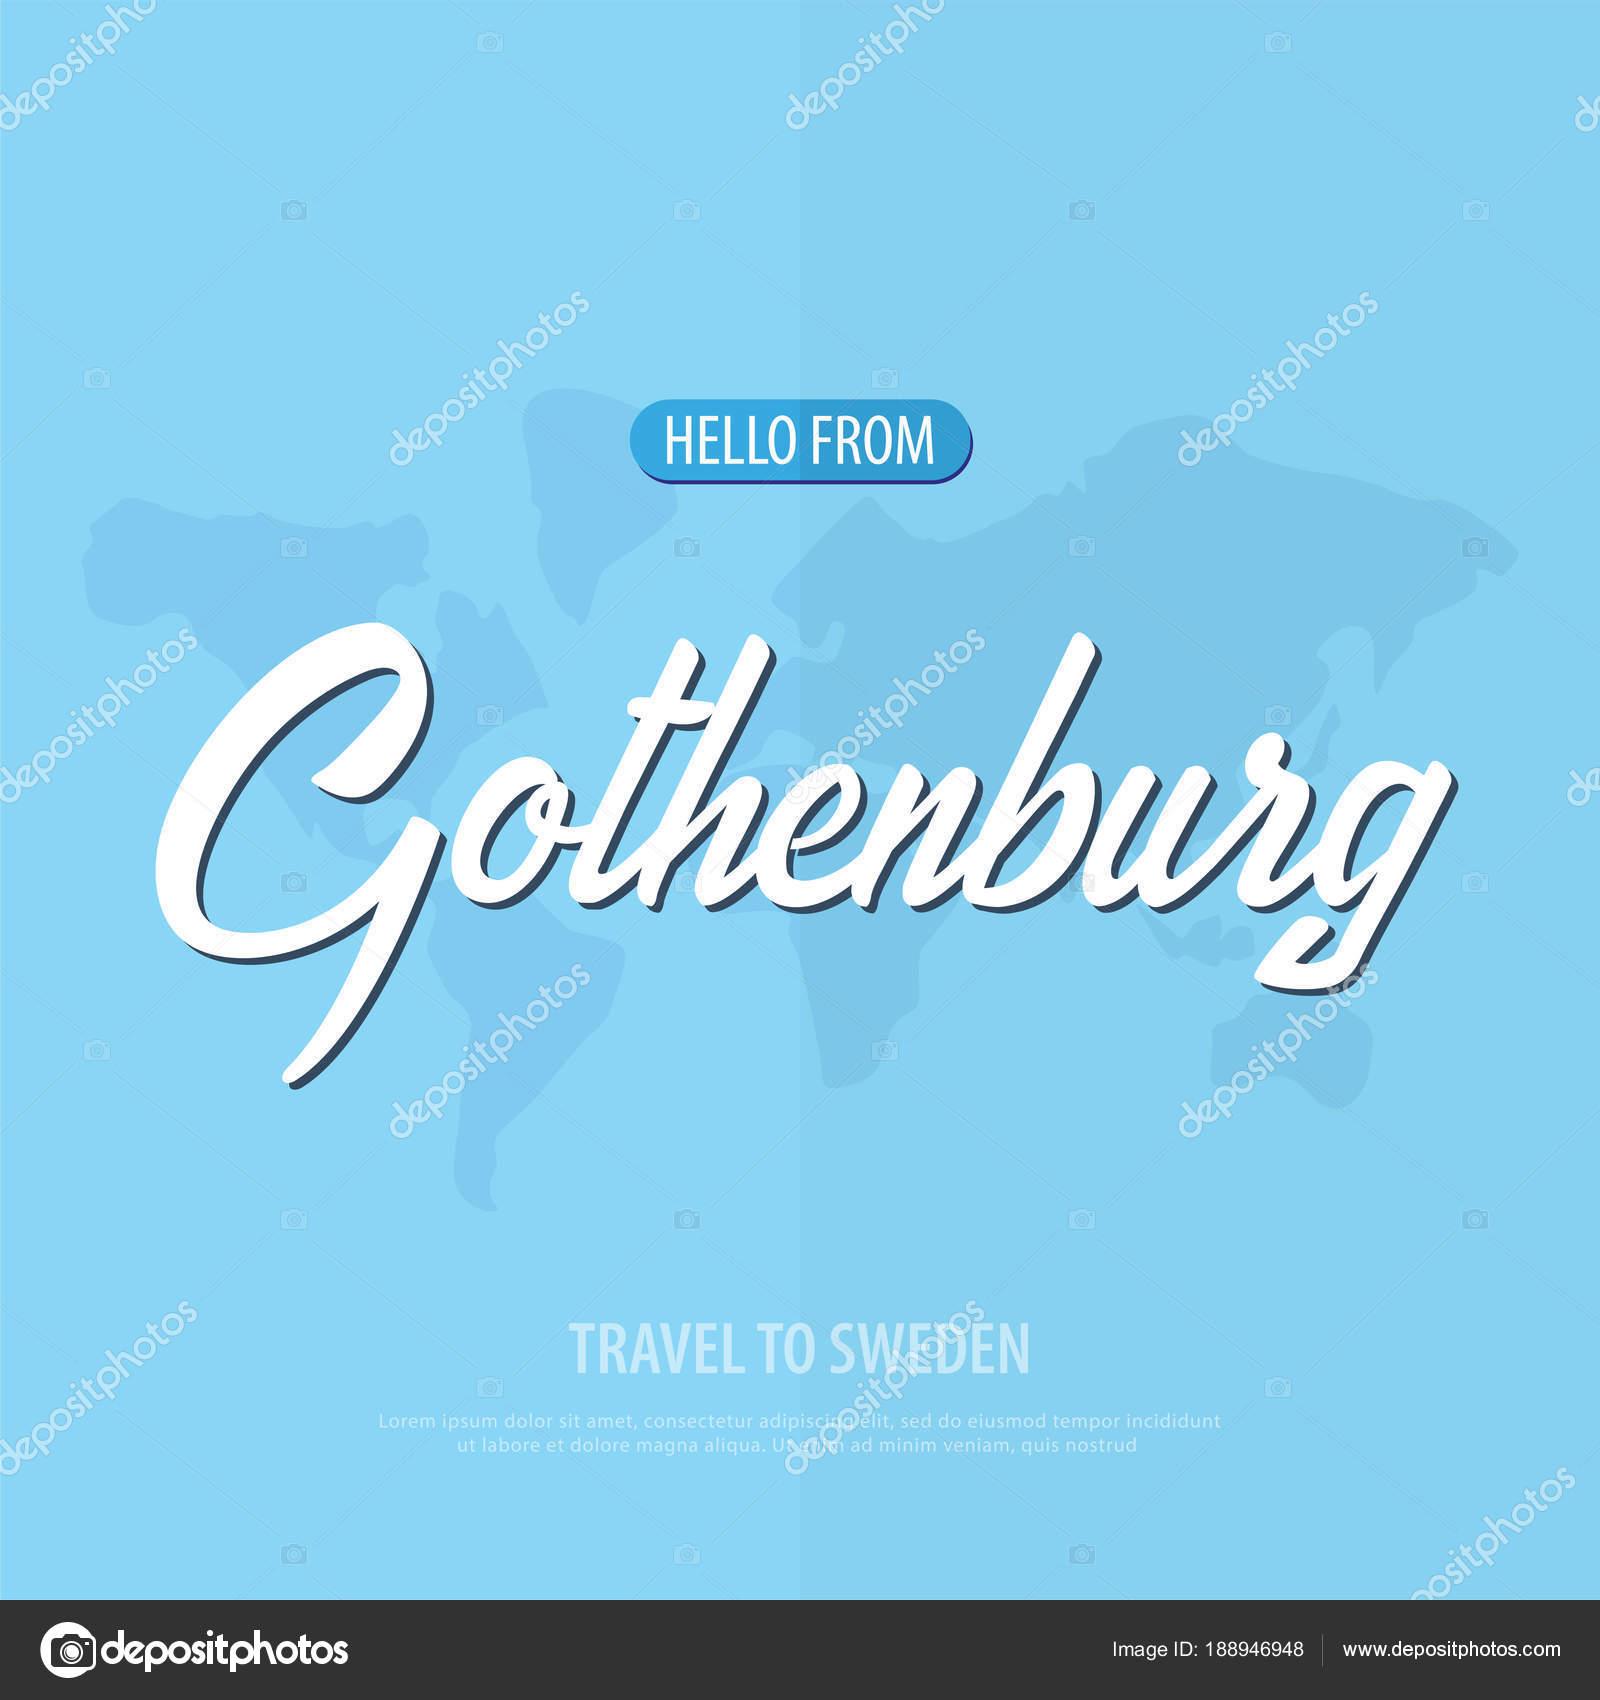 gratulationskort göteborg Hej från Göteborg. Resa till Sverige. Turistiska gratulationskort  gratulationskort göteborg